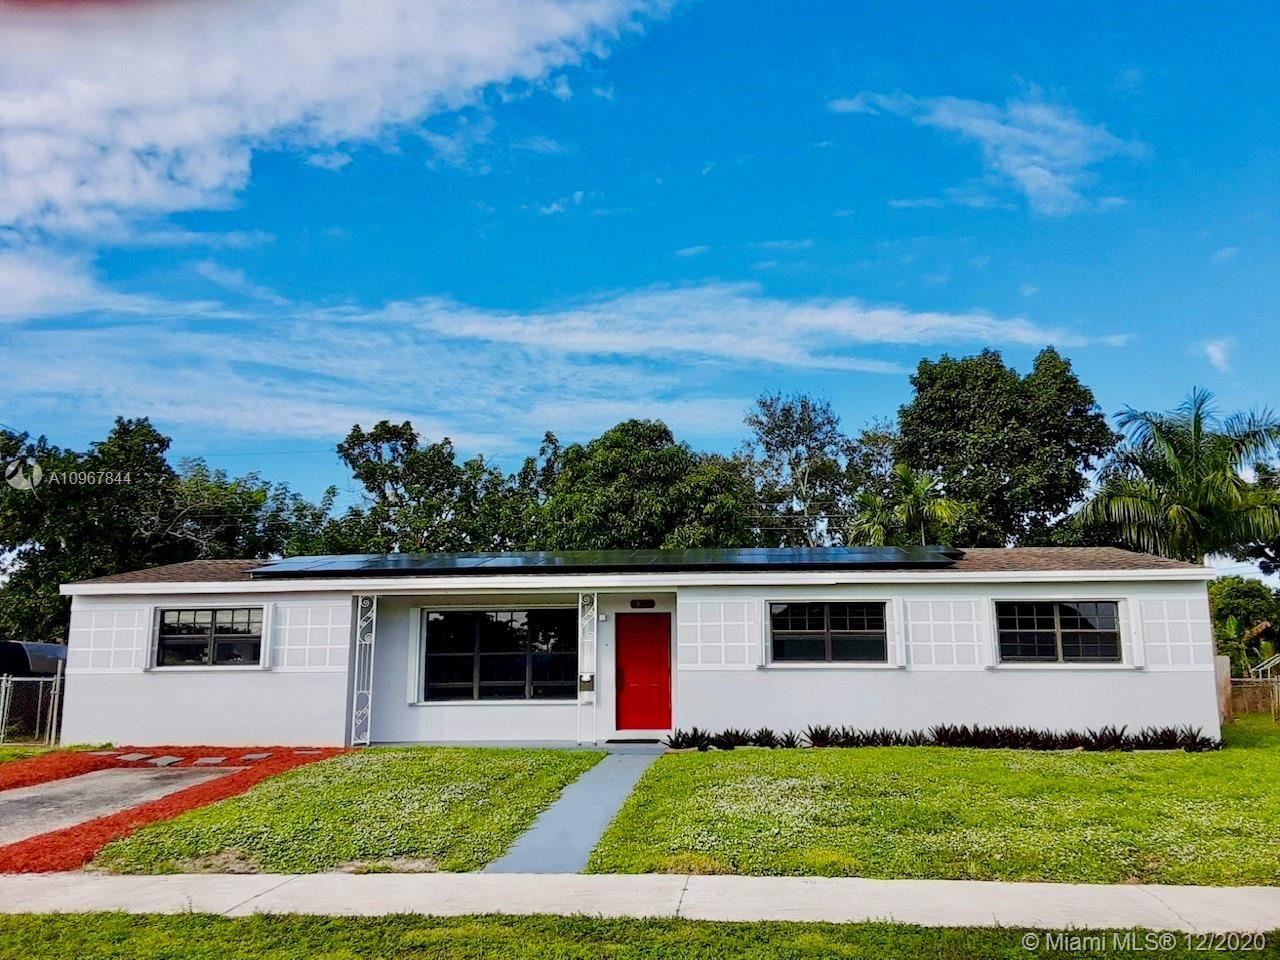 18600 NW 10th Ave, Miami Gardens, FL 33169 - #: A10967844